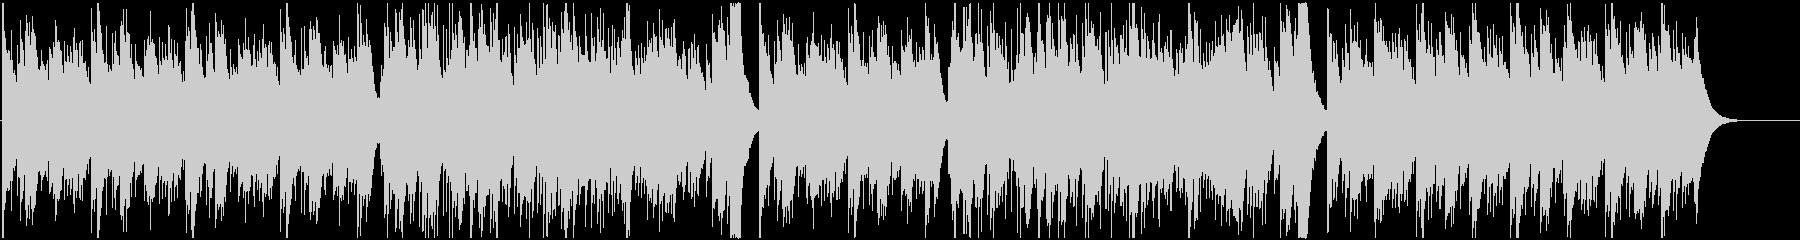 アコースティック系 優しく静かなギター曲の未再生の波形